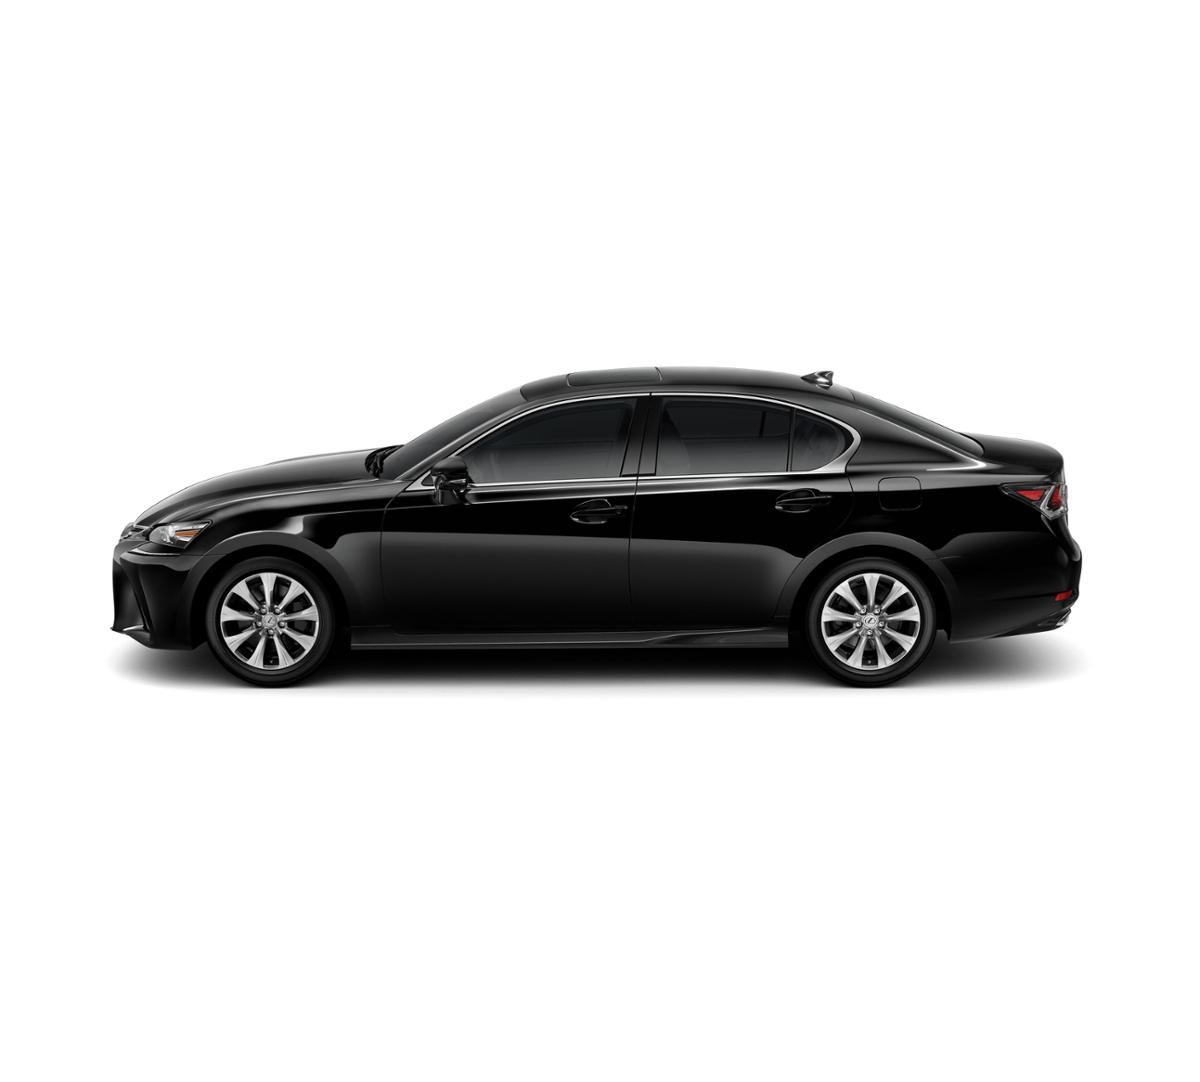 Lexus Gs Lease: New 2016 Lexus GS 350 For Sale In Rockville Centre, NY